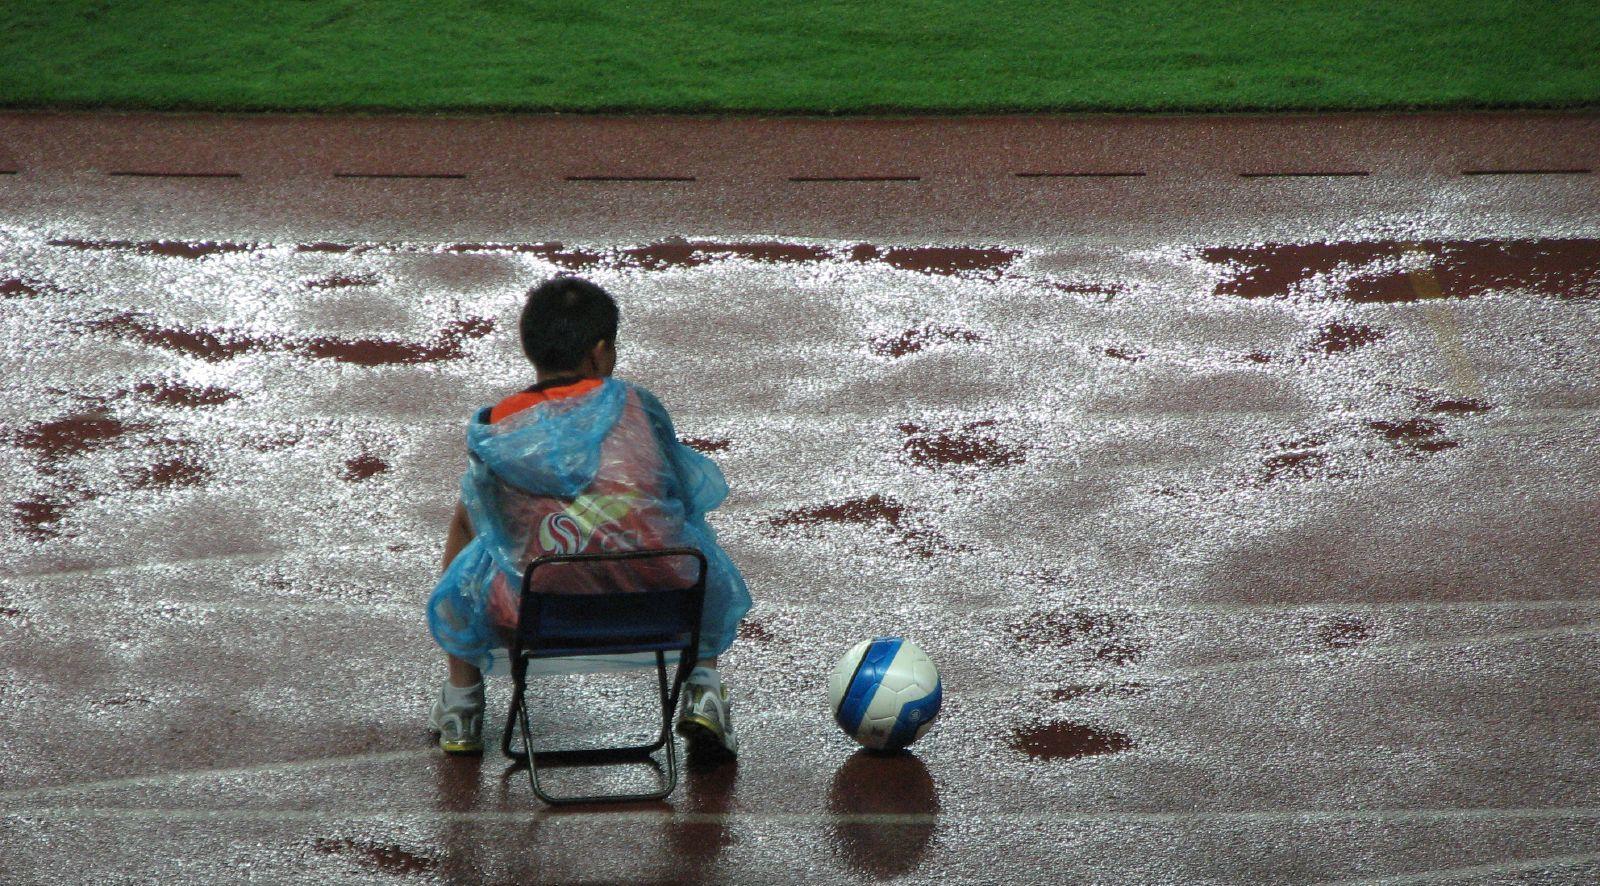 Im Aus: Balljunge und chinesischer Fußball,  Foto © Wikimedia Commons